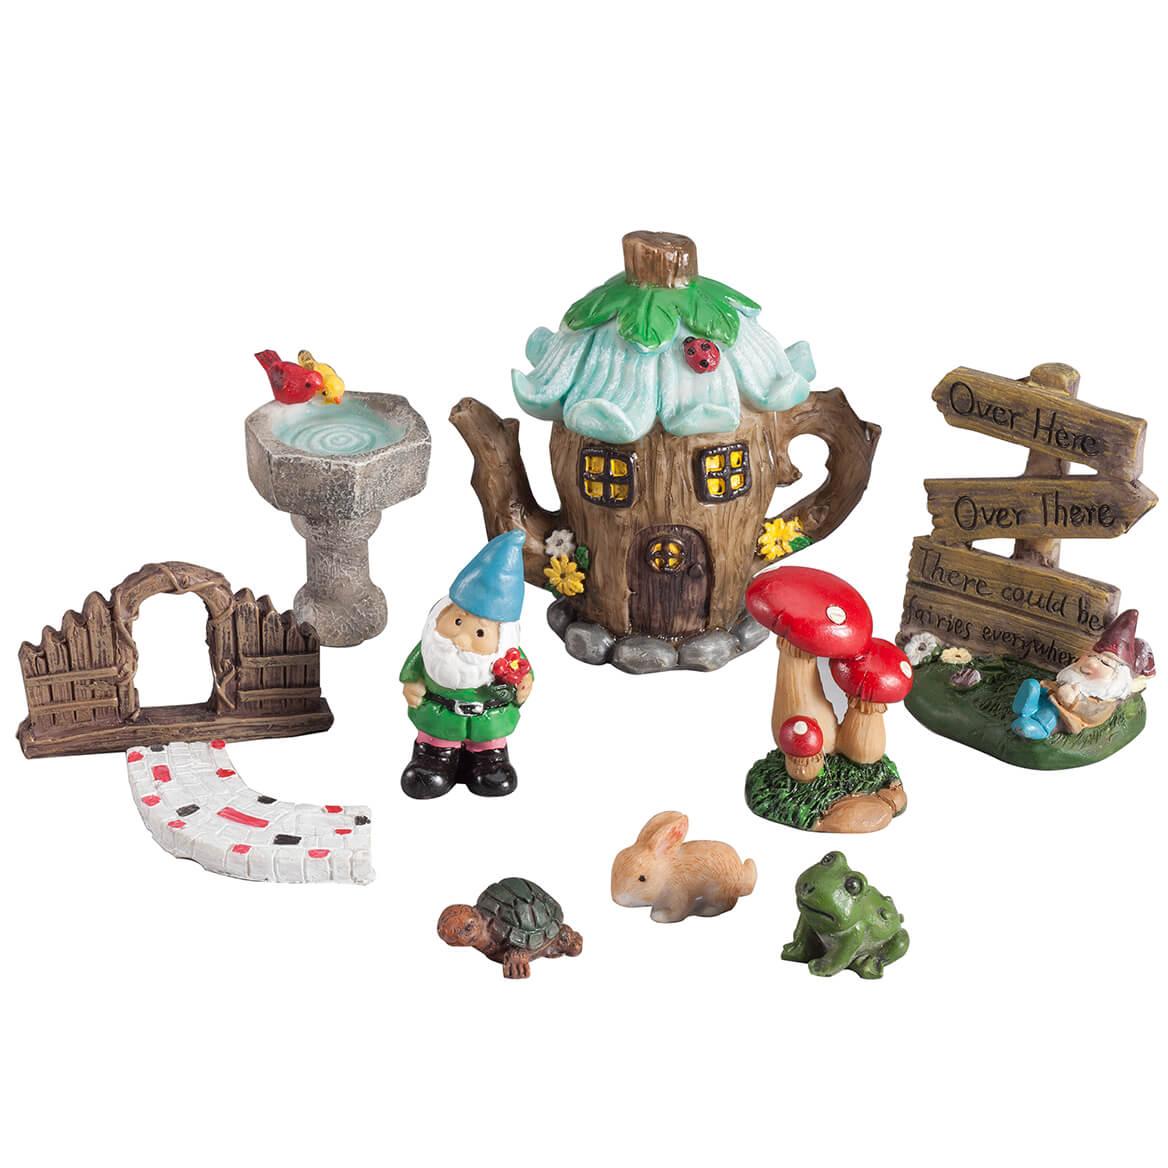 Gnome Garden: Miniature Fairy & Garden Gnome Figurines & Accessories, 10